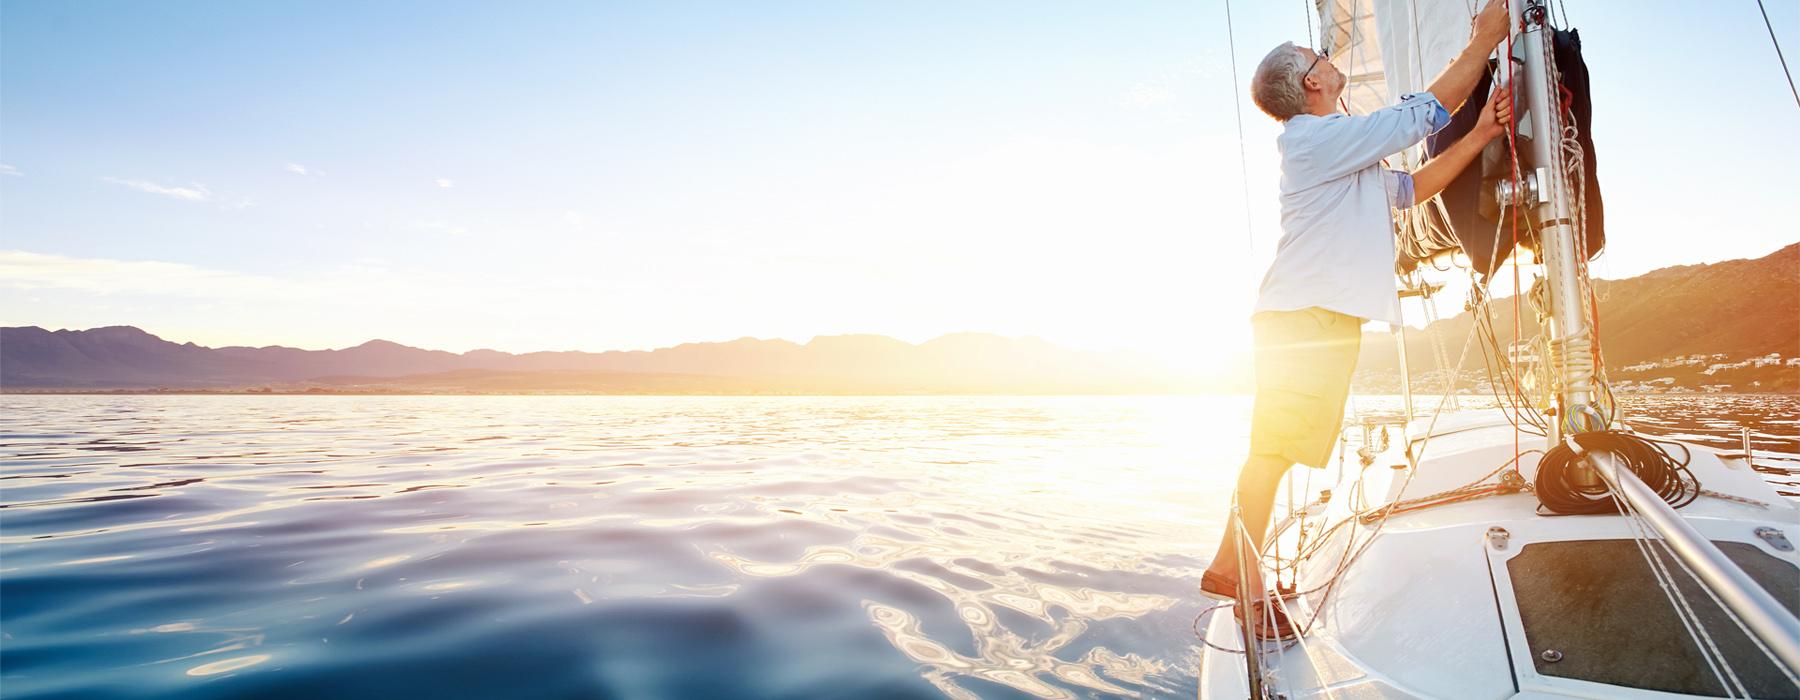 Man segelt auf einem See